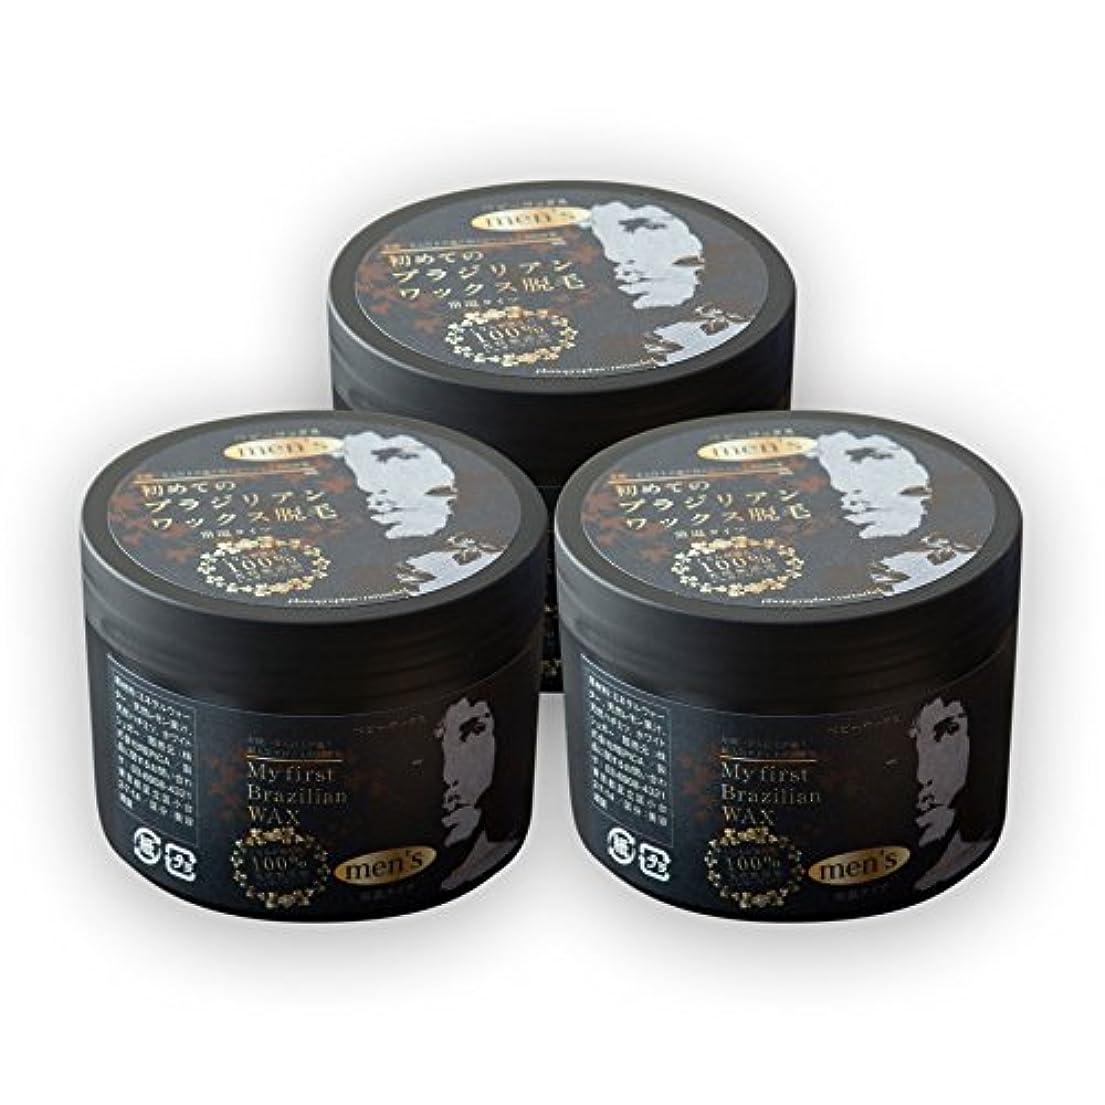 推測するダイジェスト価格【単品】メンズ専 ブラジリアンワックス BABY WAX 専門サロンの初めてのブラジリアンワックス脱毛【100%国産無添加】 (3個セット)